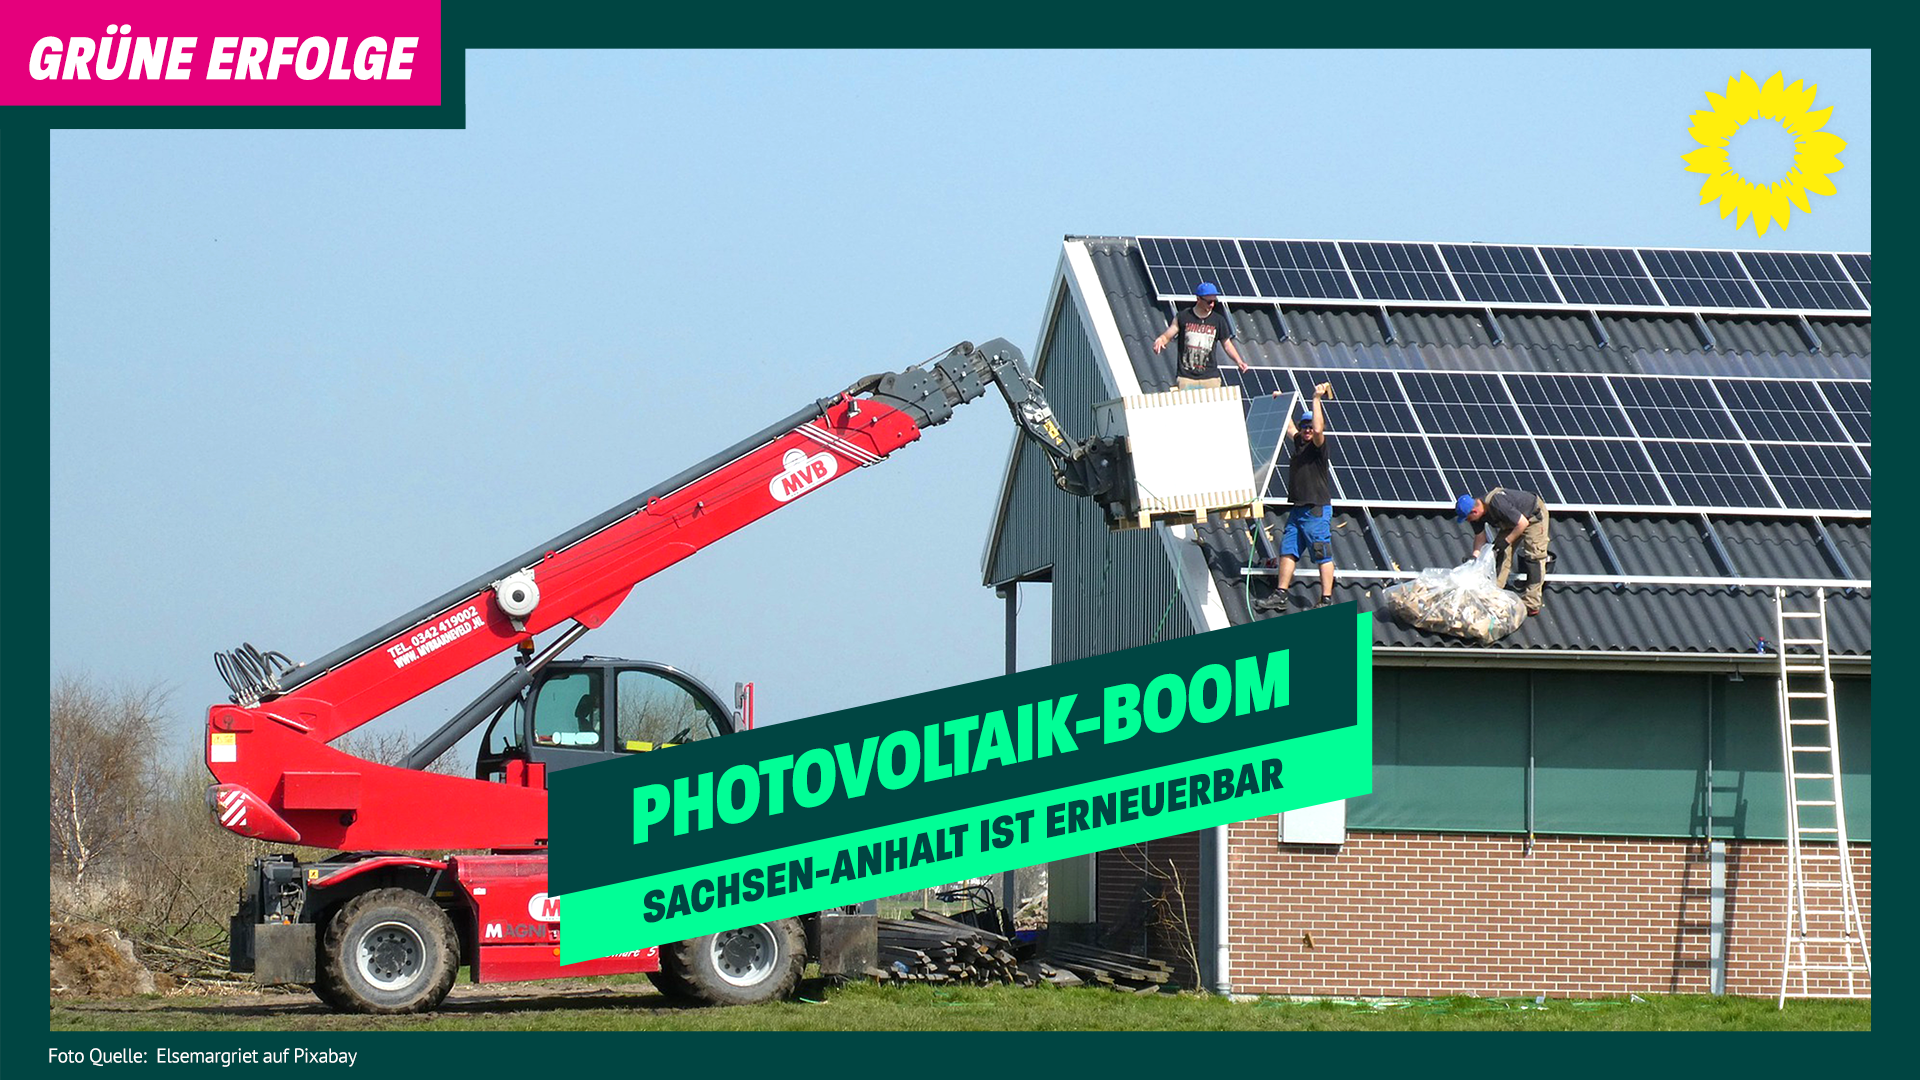 Grüne für Solarenergie